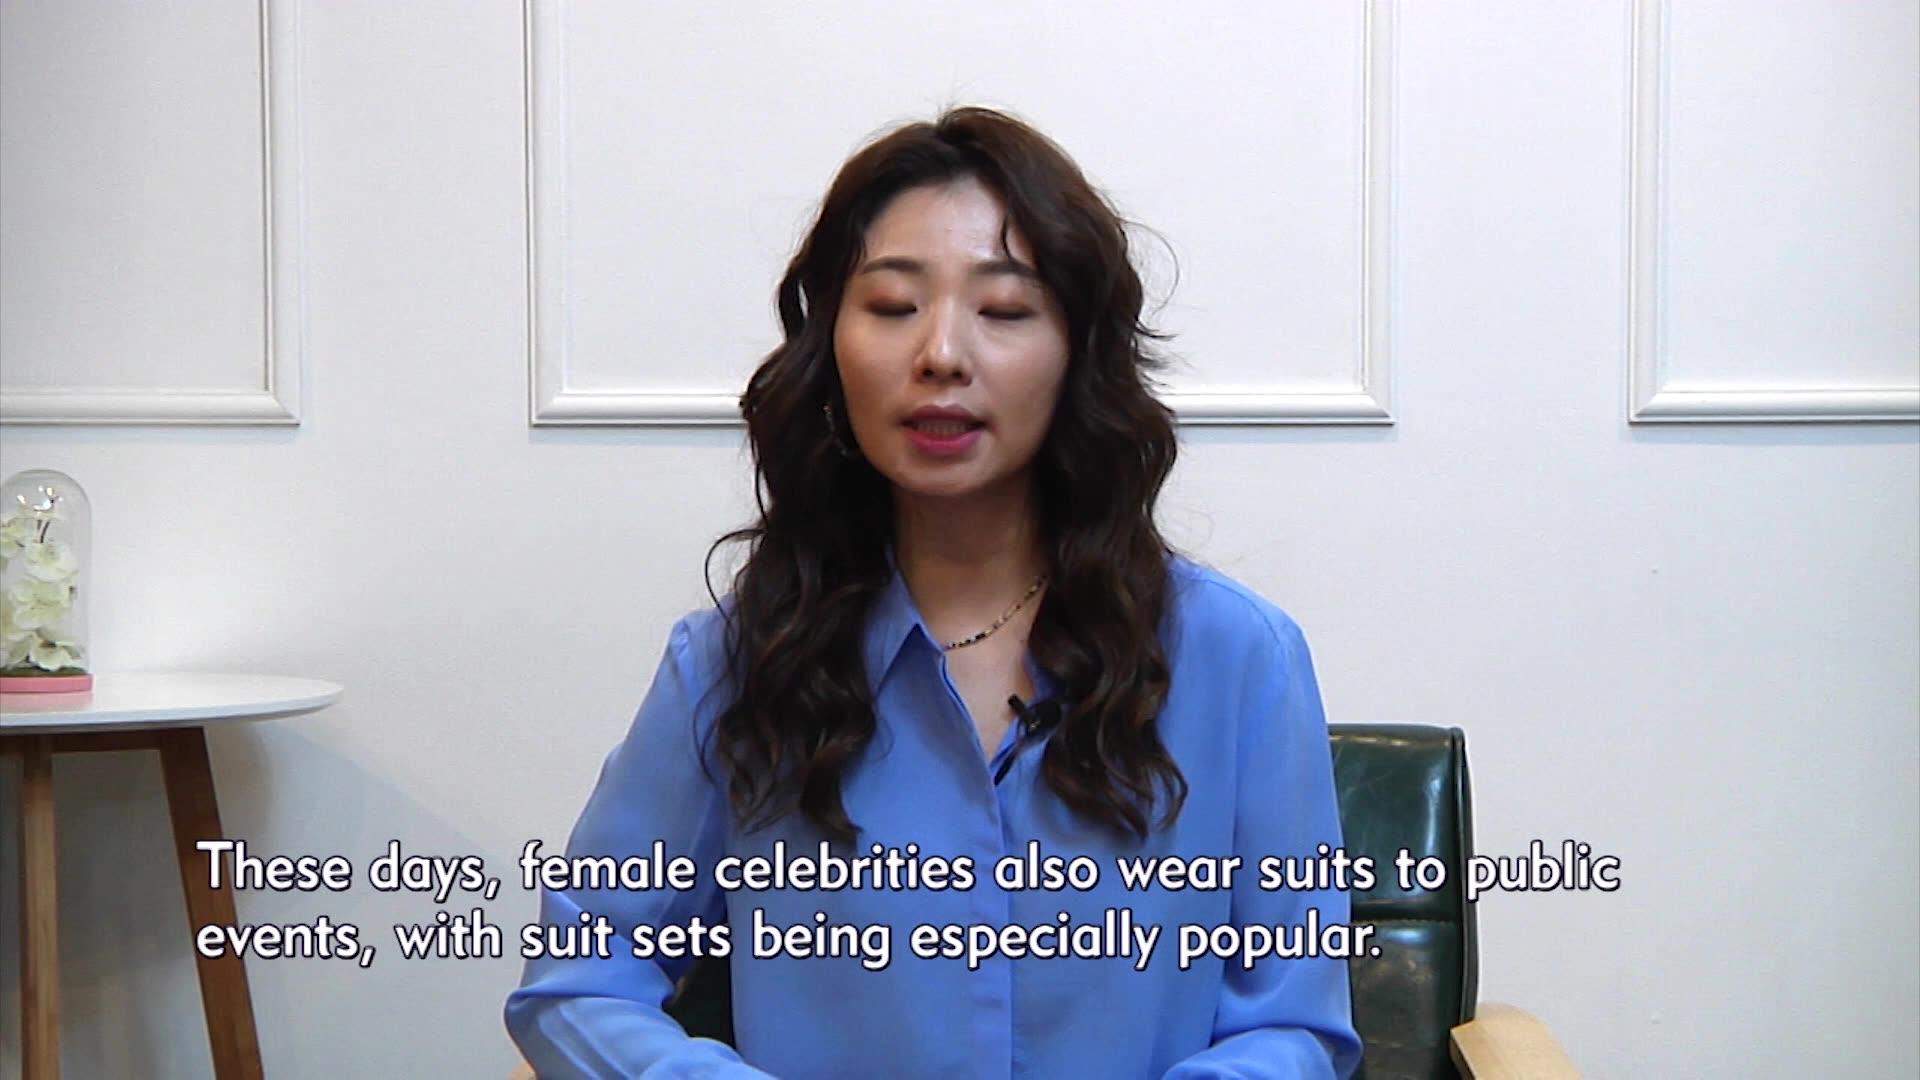 Showbiz Korea Episode 2142: Suit Styles for Women with Han Ye-seul(한예슬) & Jun Ji-hyun(전지현)